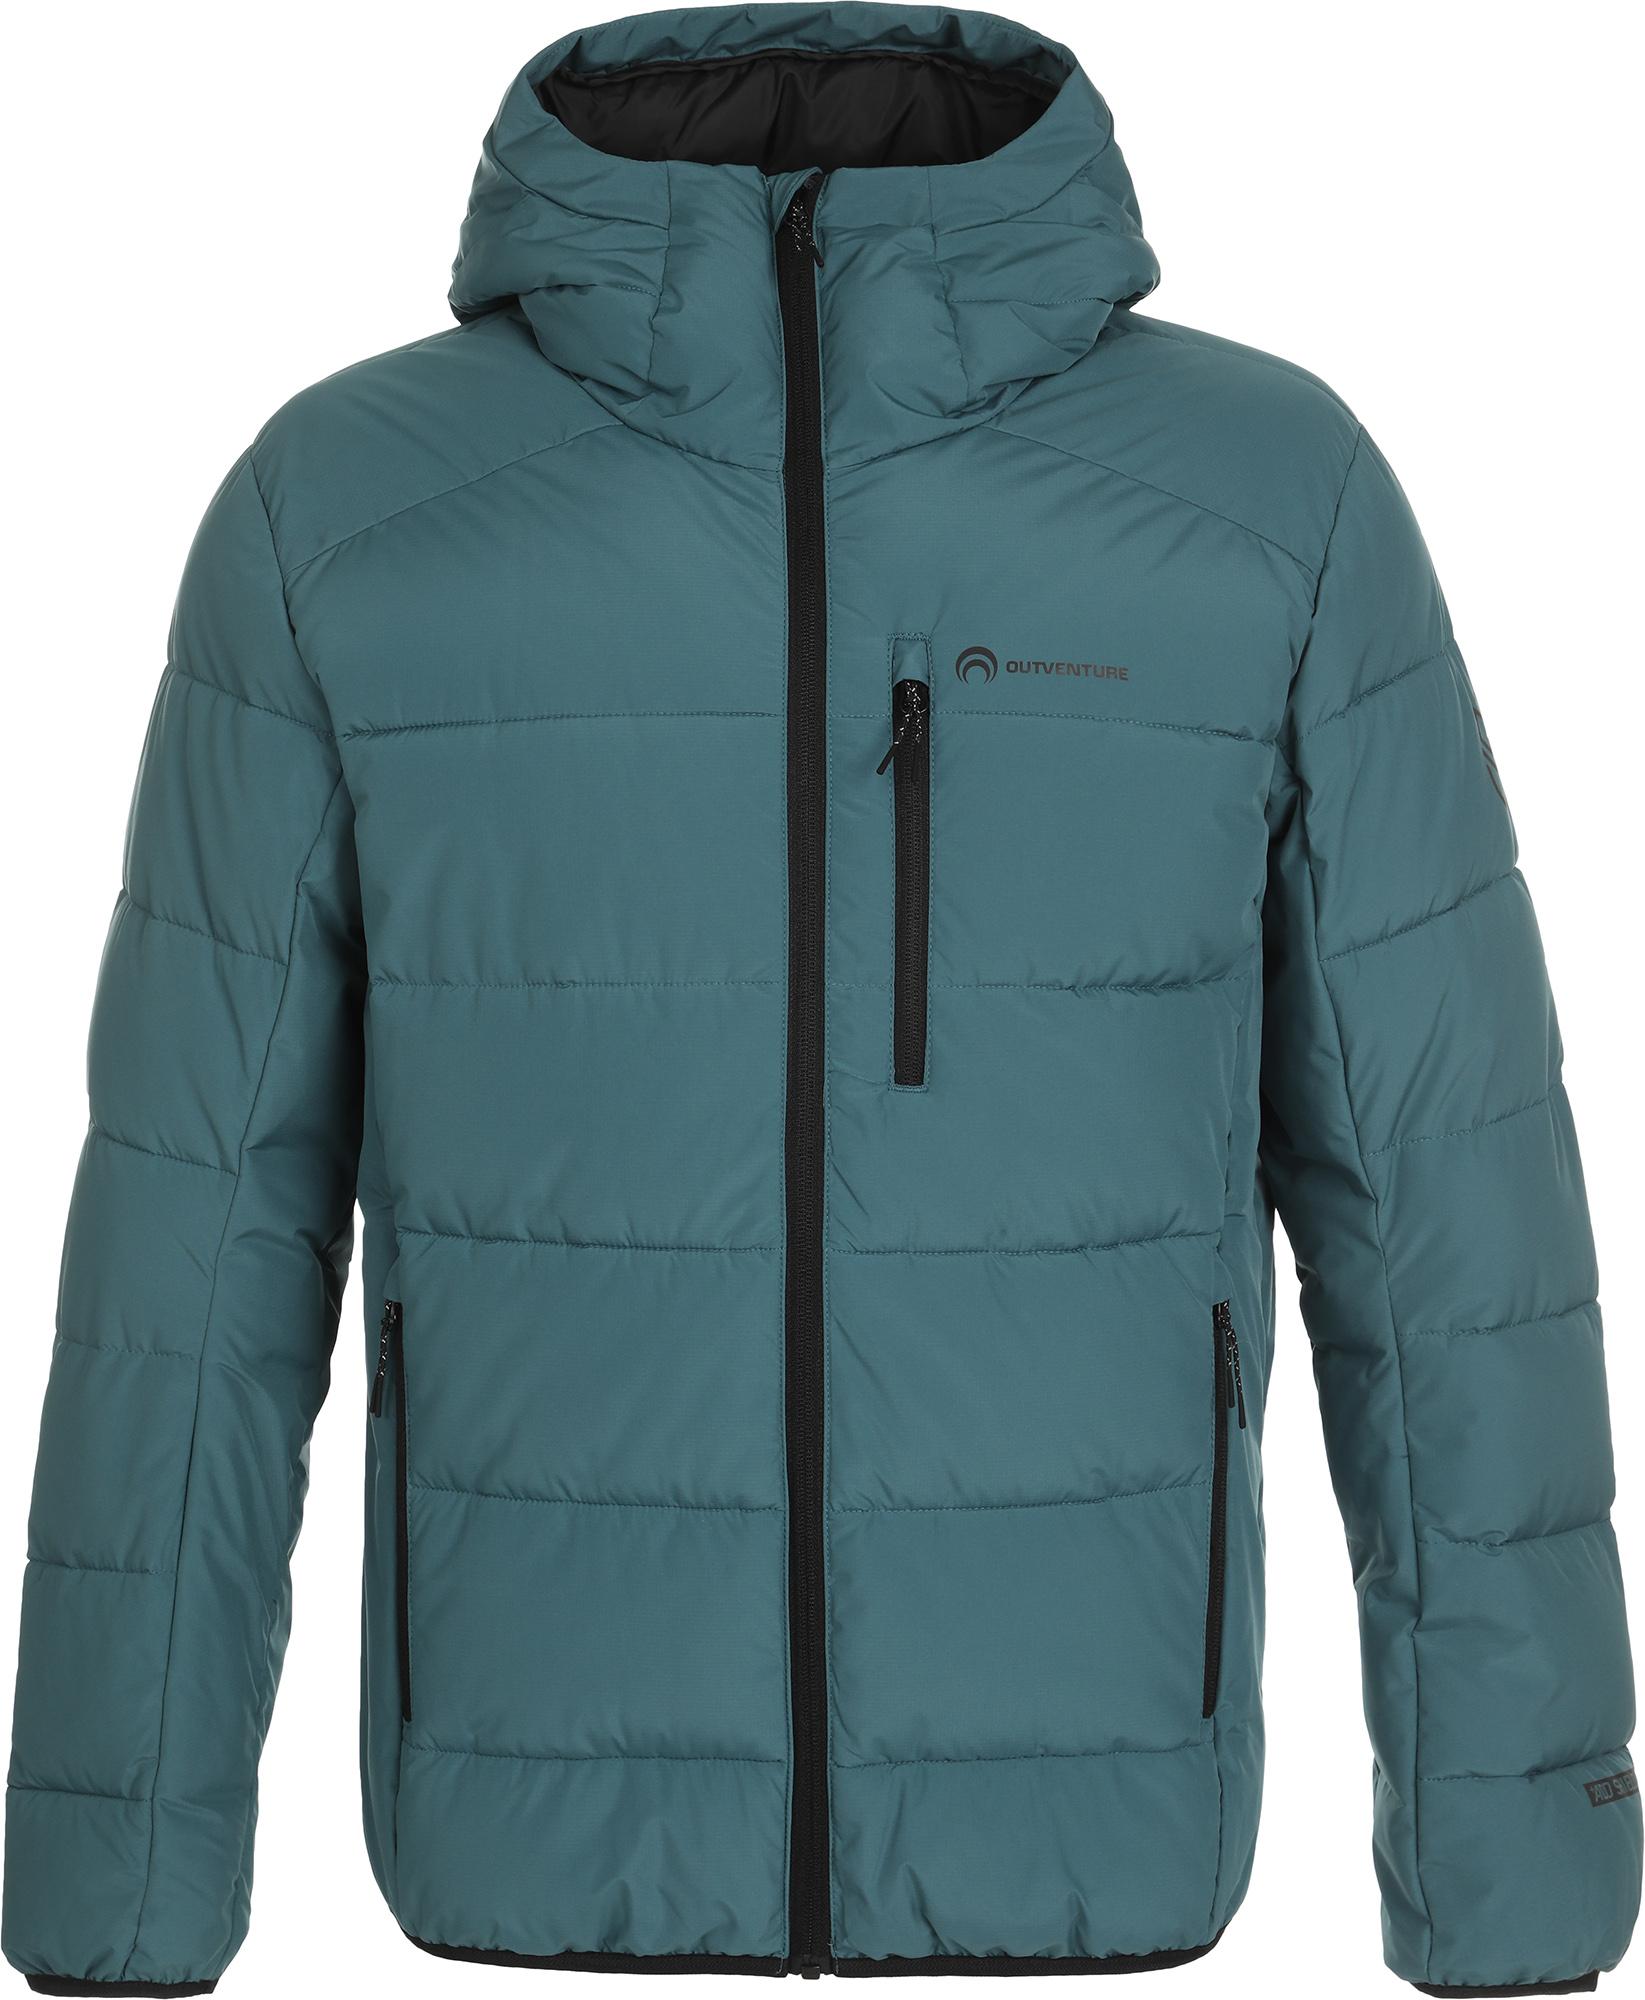 Фото - Outventure Куртка утепленная мужская Outventure, размер 52 outventure куртка утепленная мужская outventure размер 50